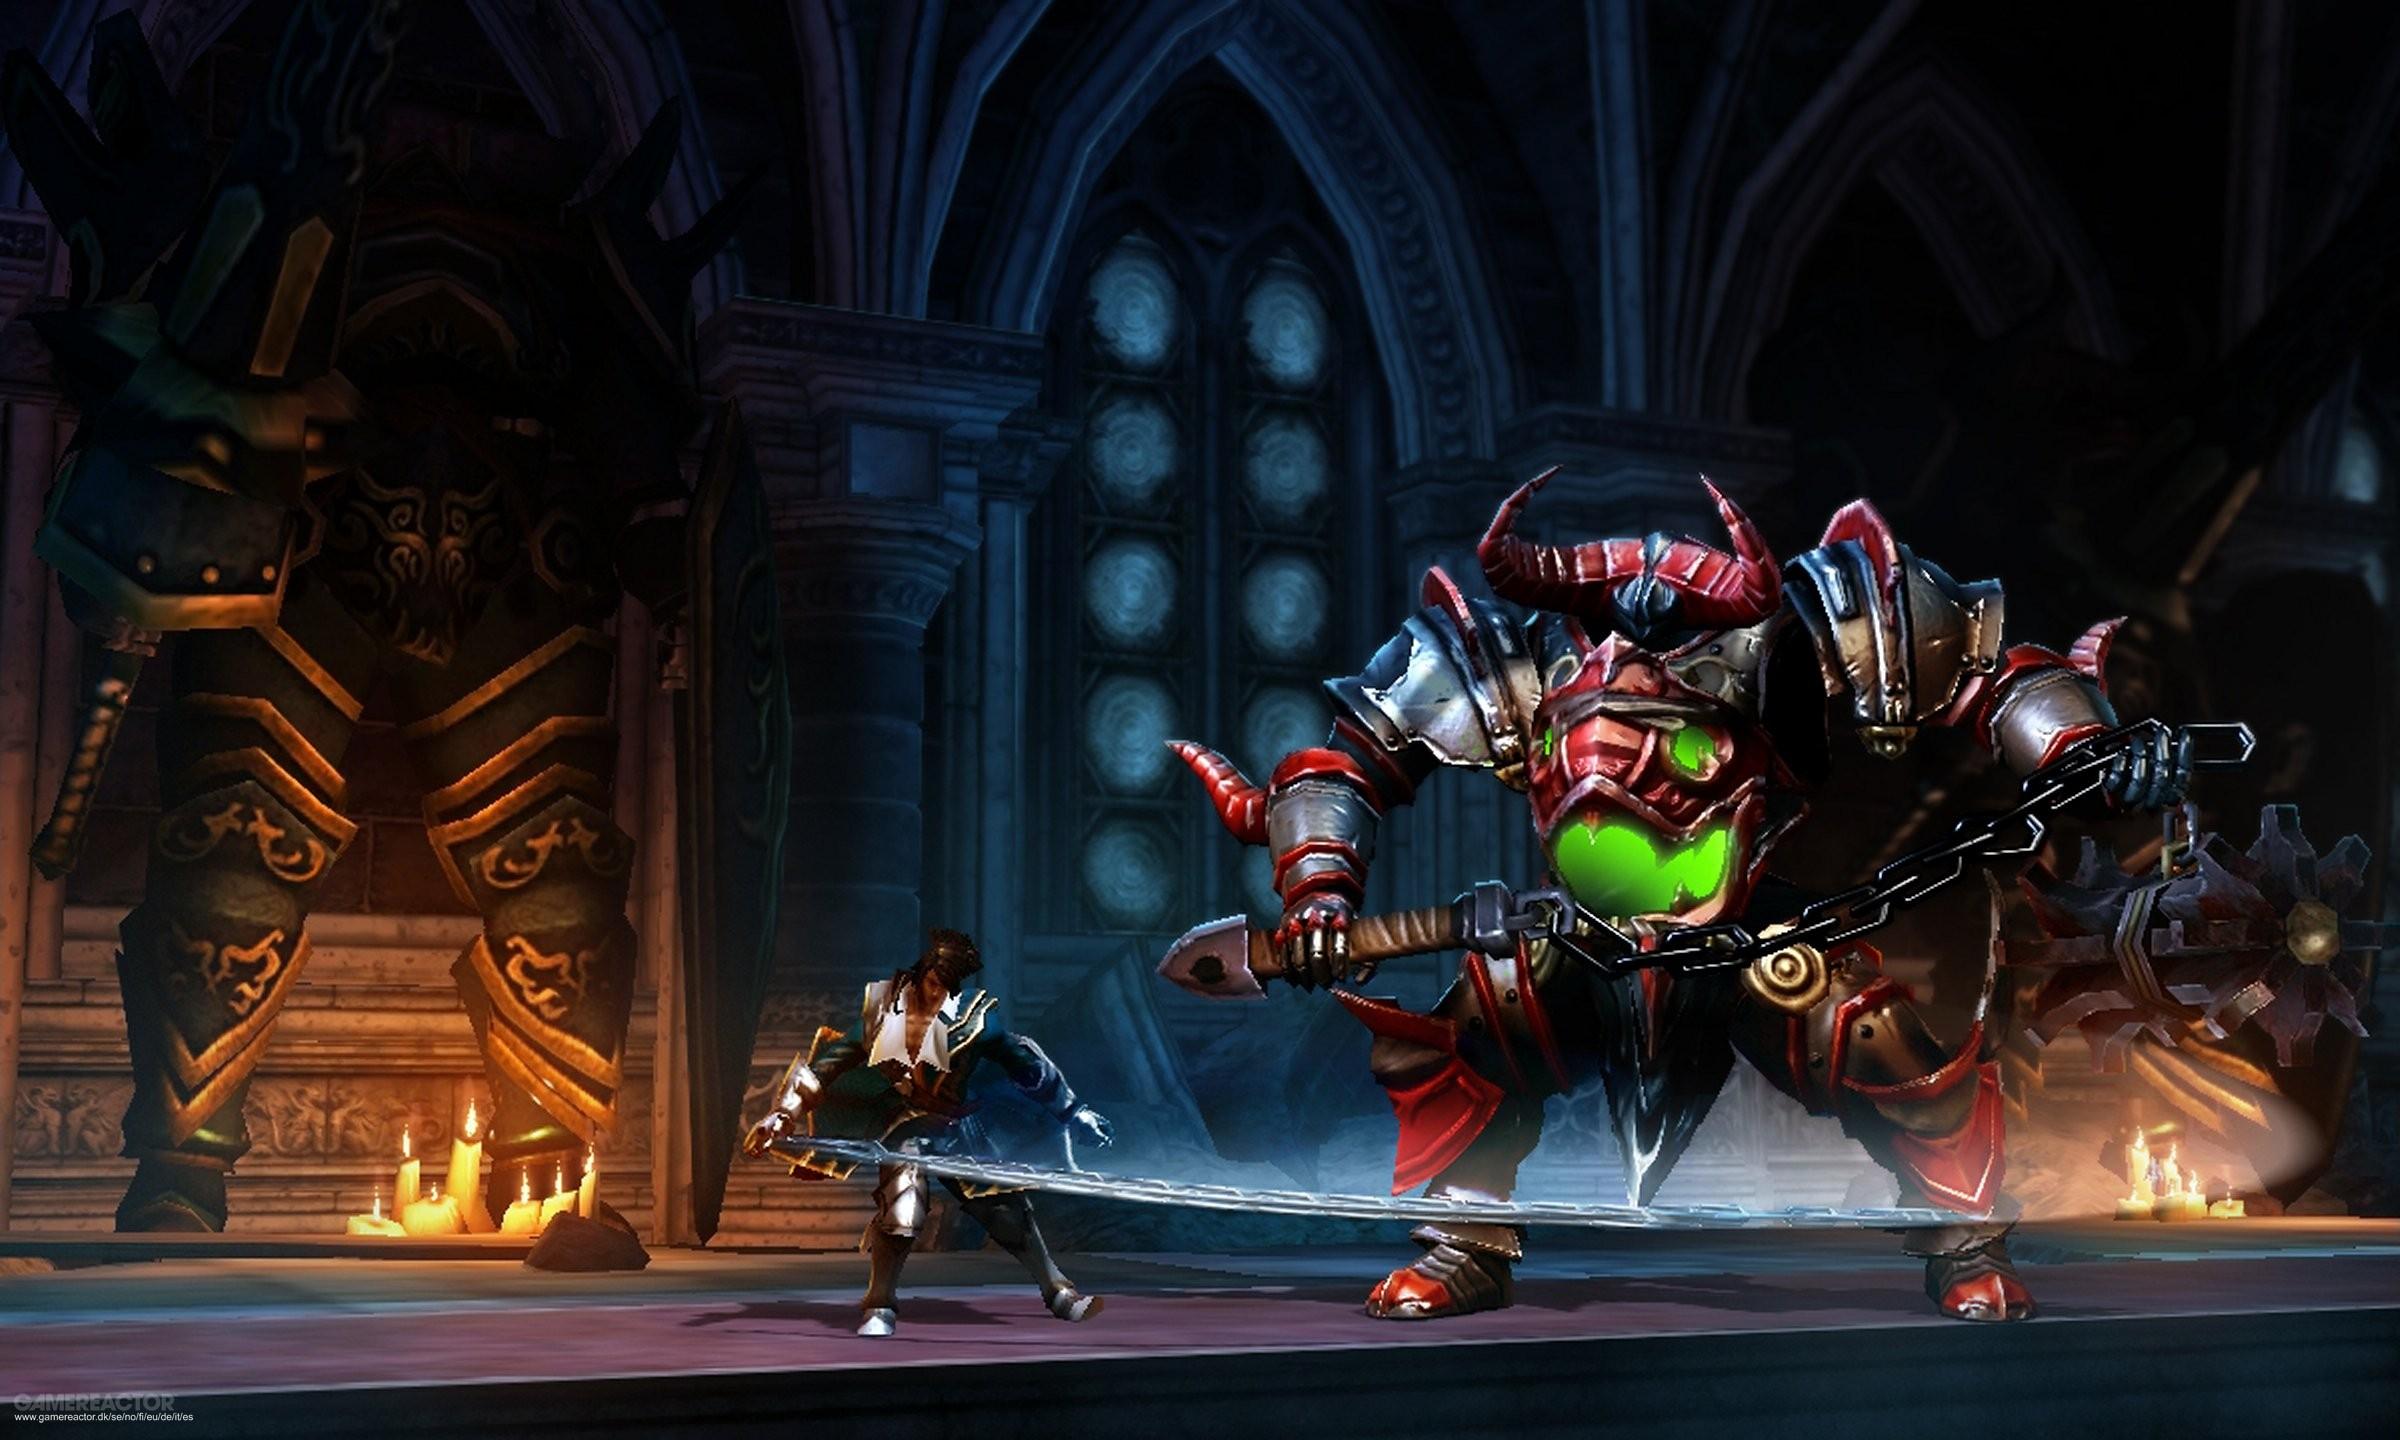 Resultado de imagen de castlevania 3ds lord of shadow